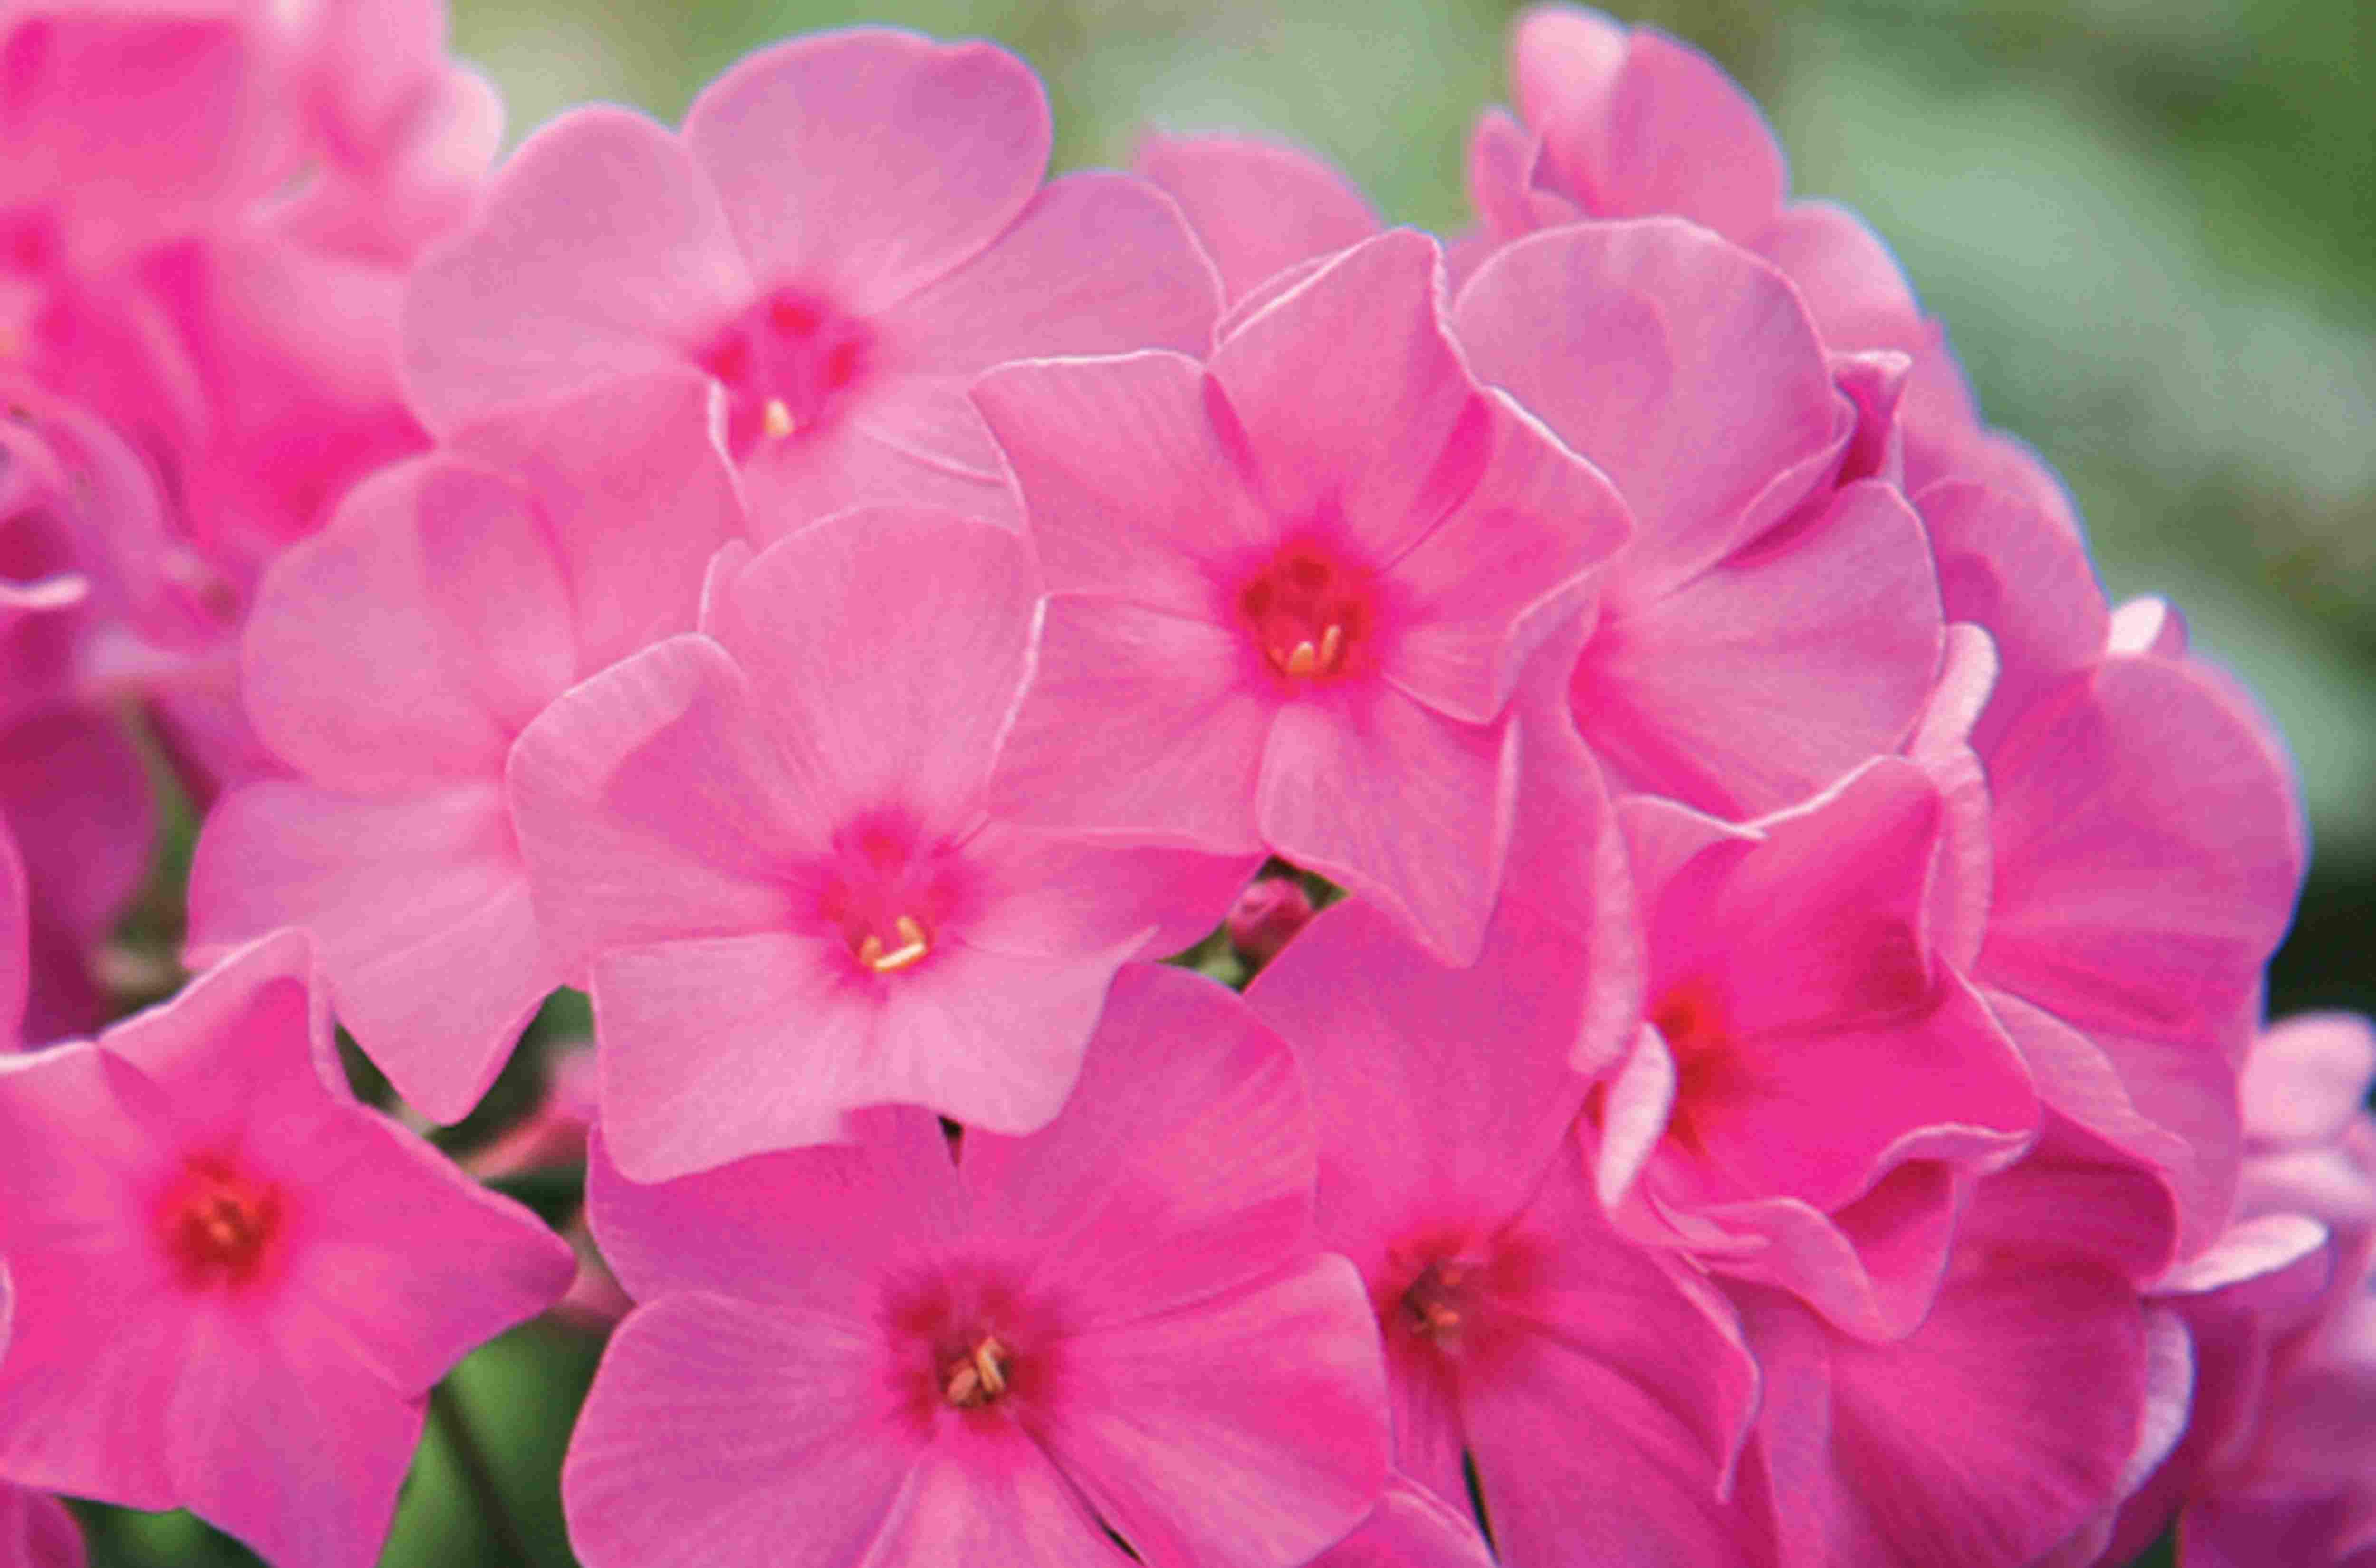 Closeup of flowers of Pink Flame tall garden phlox.